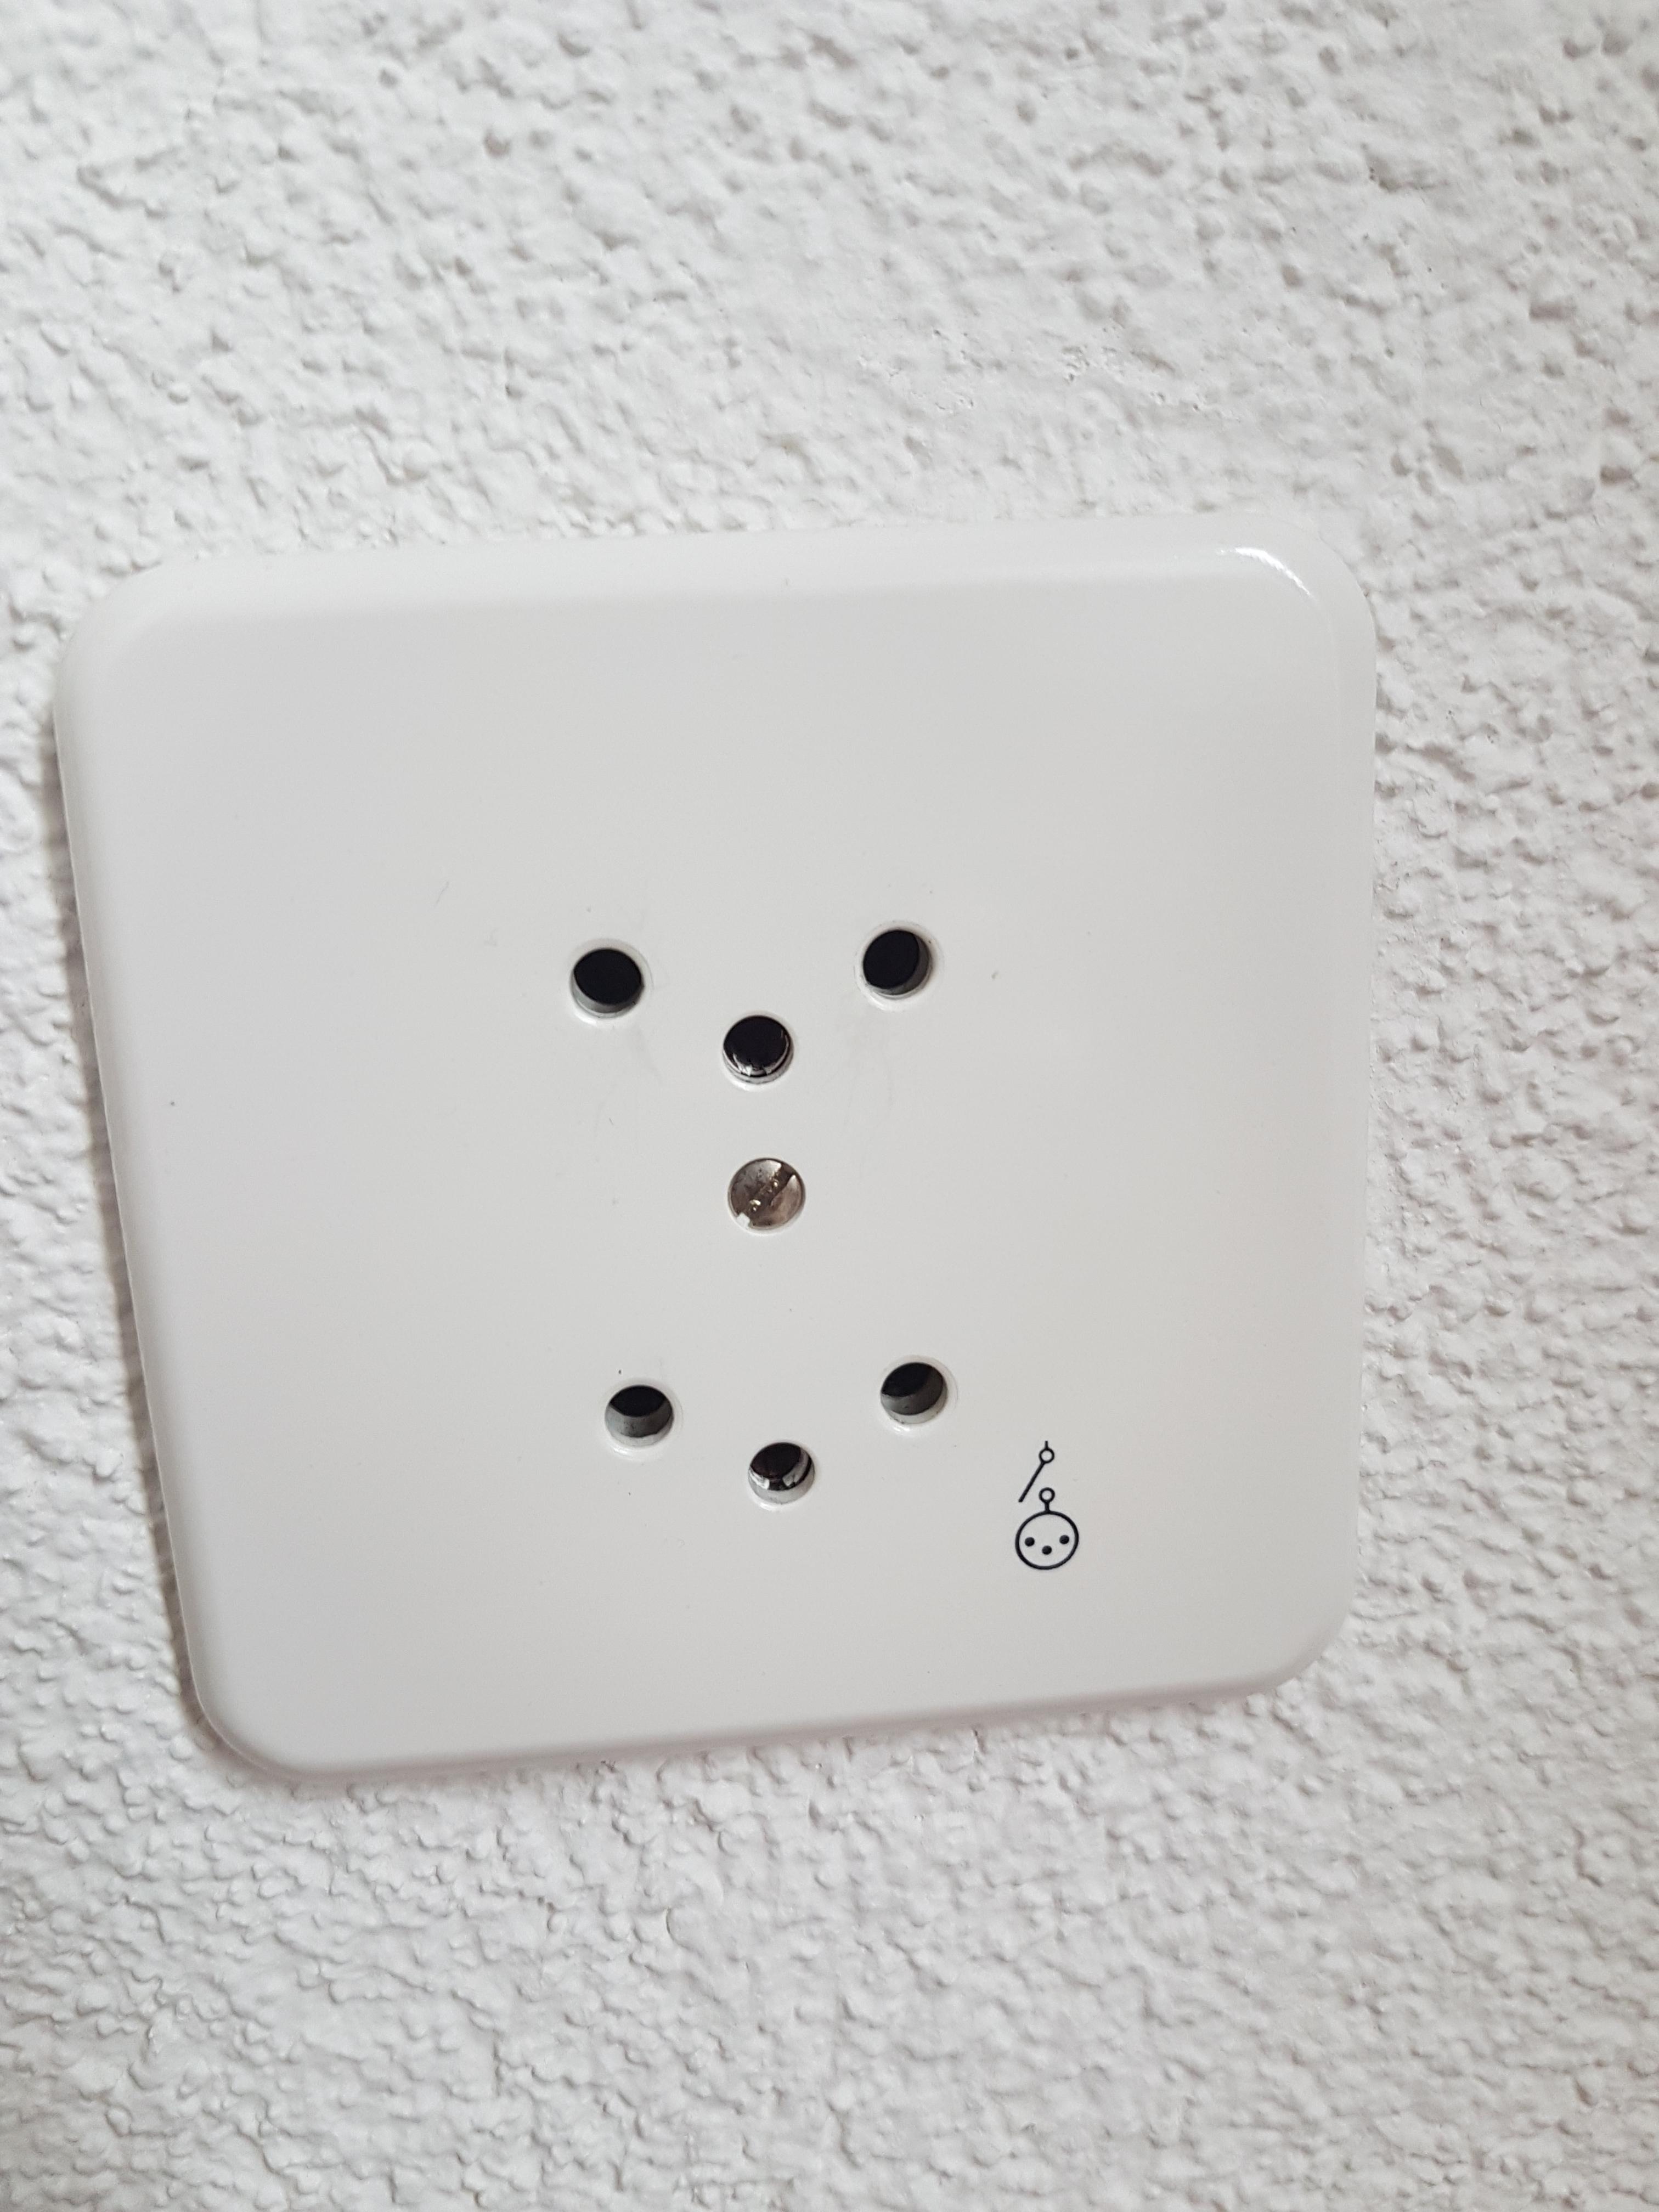 Schön Installieren Einer Geschalteten Steckdose Ideen - Elektrische ...